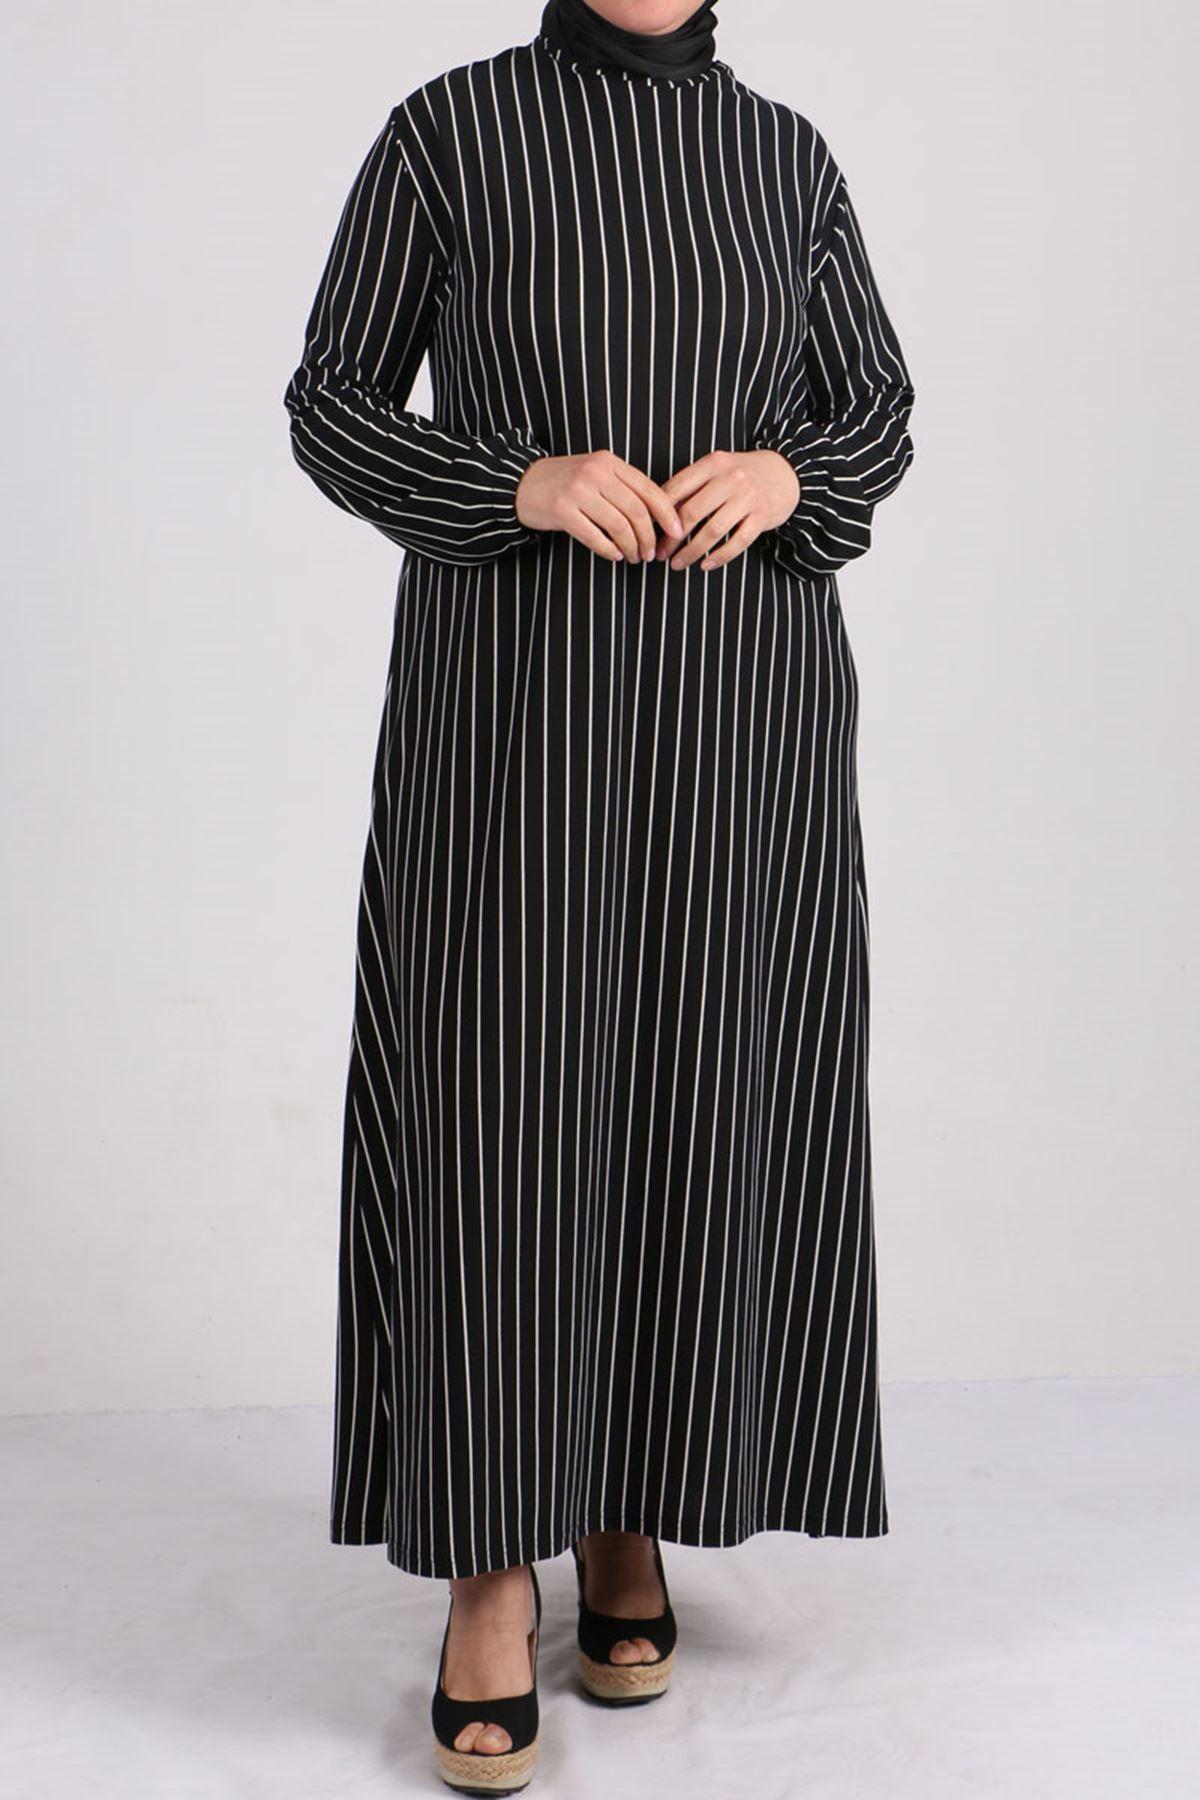 2093 Büyük Beden Örme Krep Kolu Lastikli Elbise - Siyah Çizgili